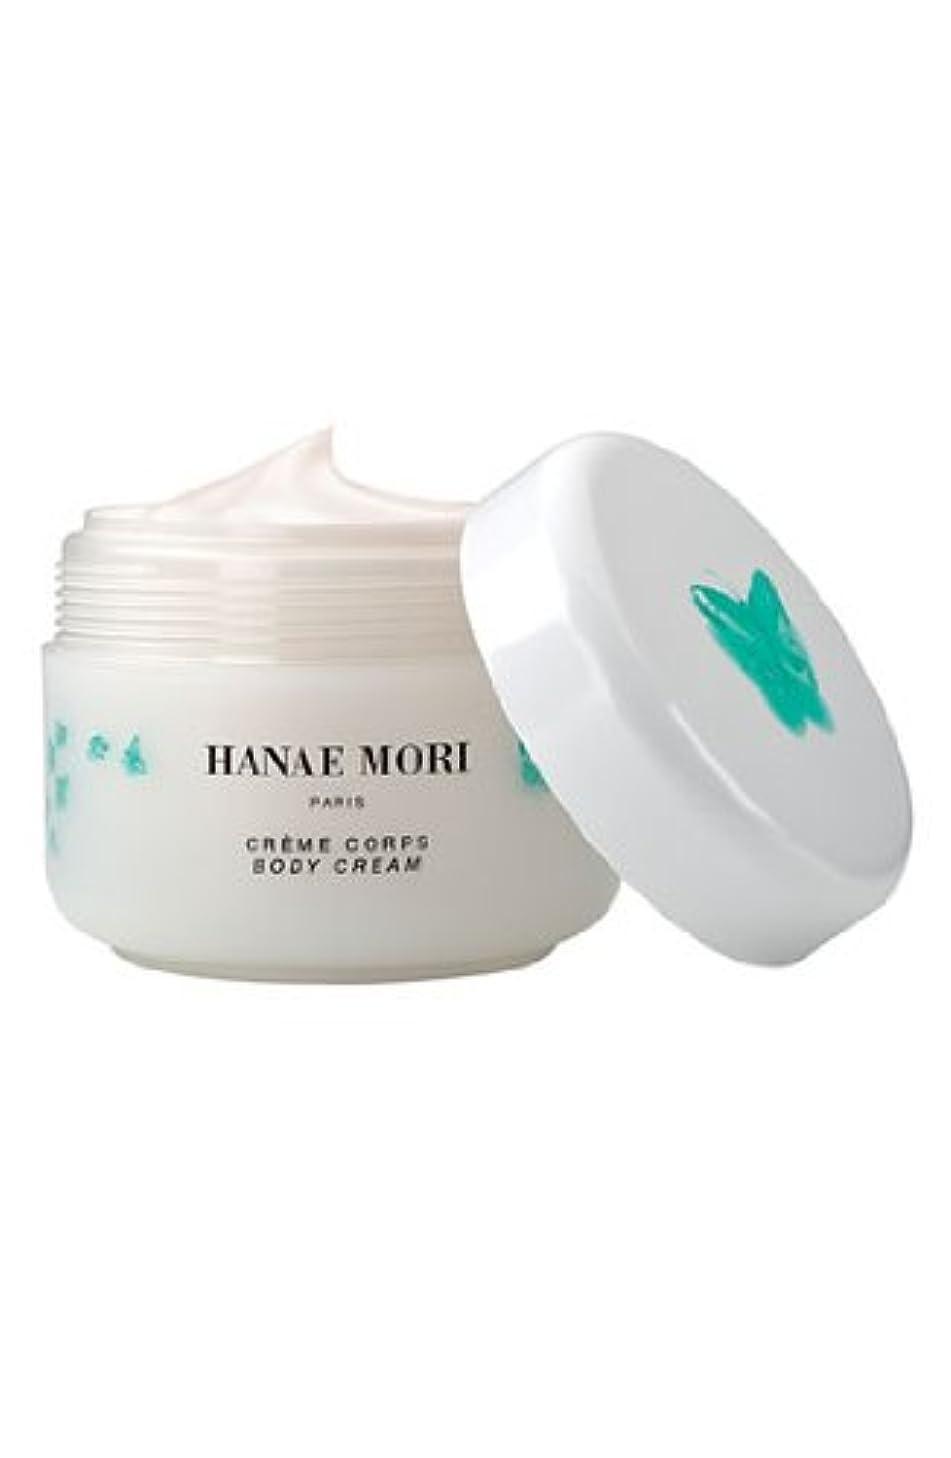 平等着飾るギャザーHanae Mori 'Butterfly' (ハナエ モリ バタフライ) 8.4 oz (252ml) Body Cream for Women